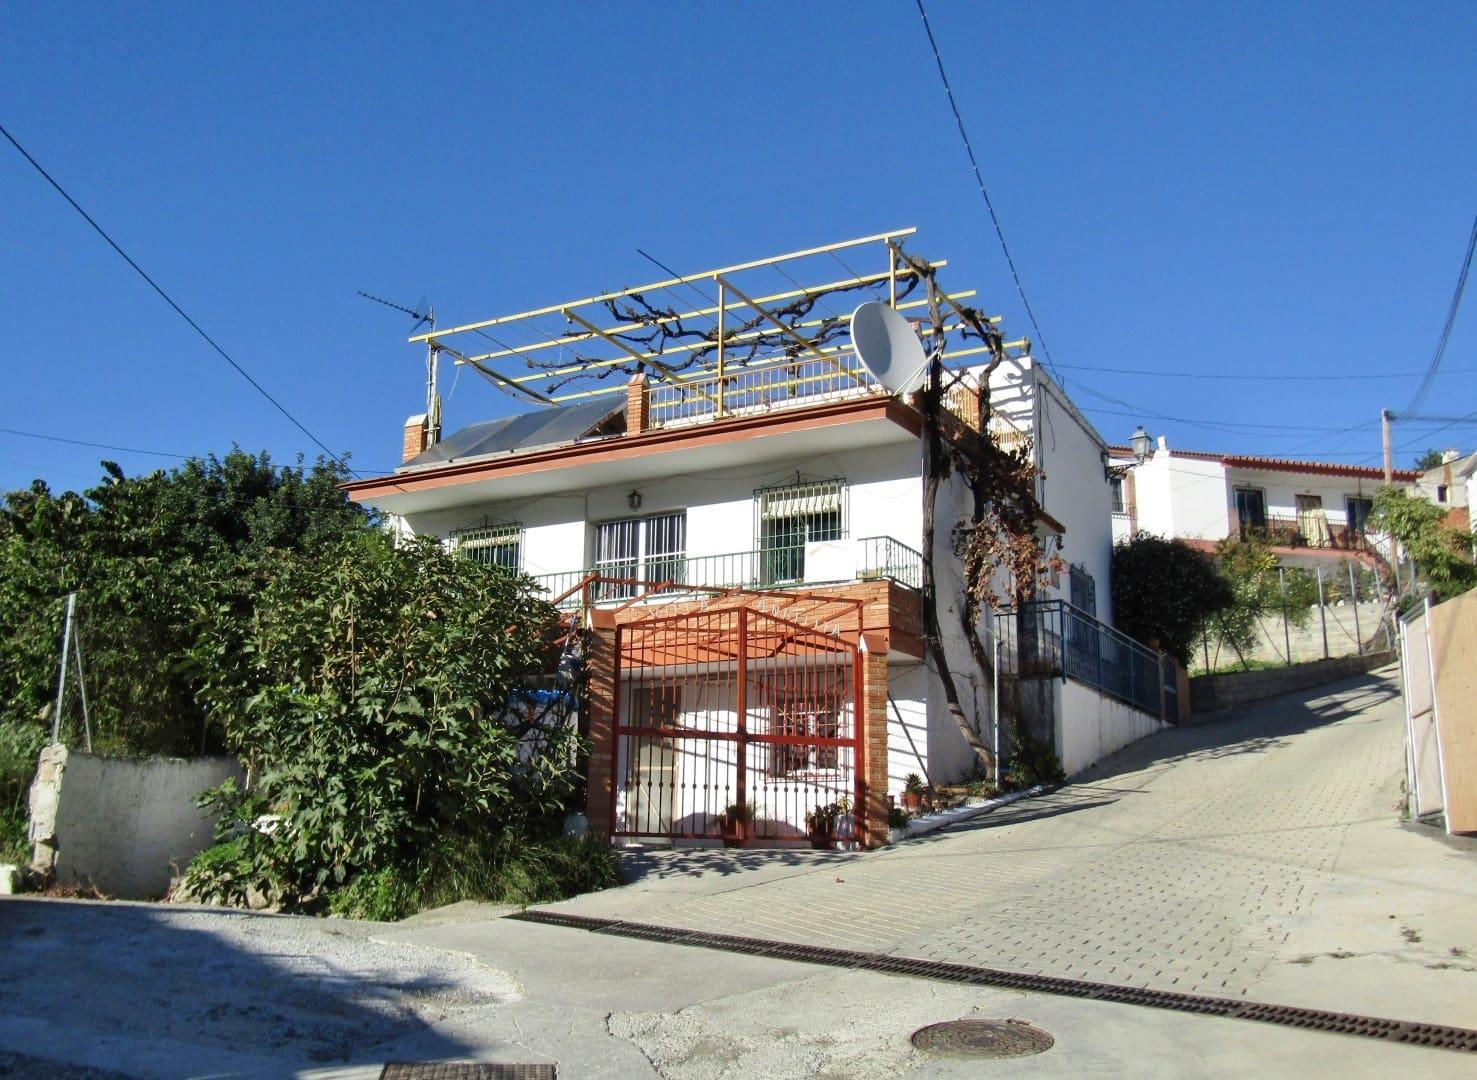 Casa de 7 habitaciones en La Zubia en venta - 199.950 € (Ref: 4923567)